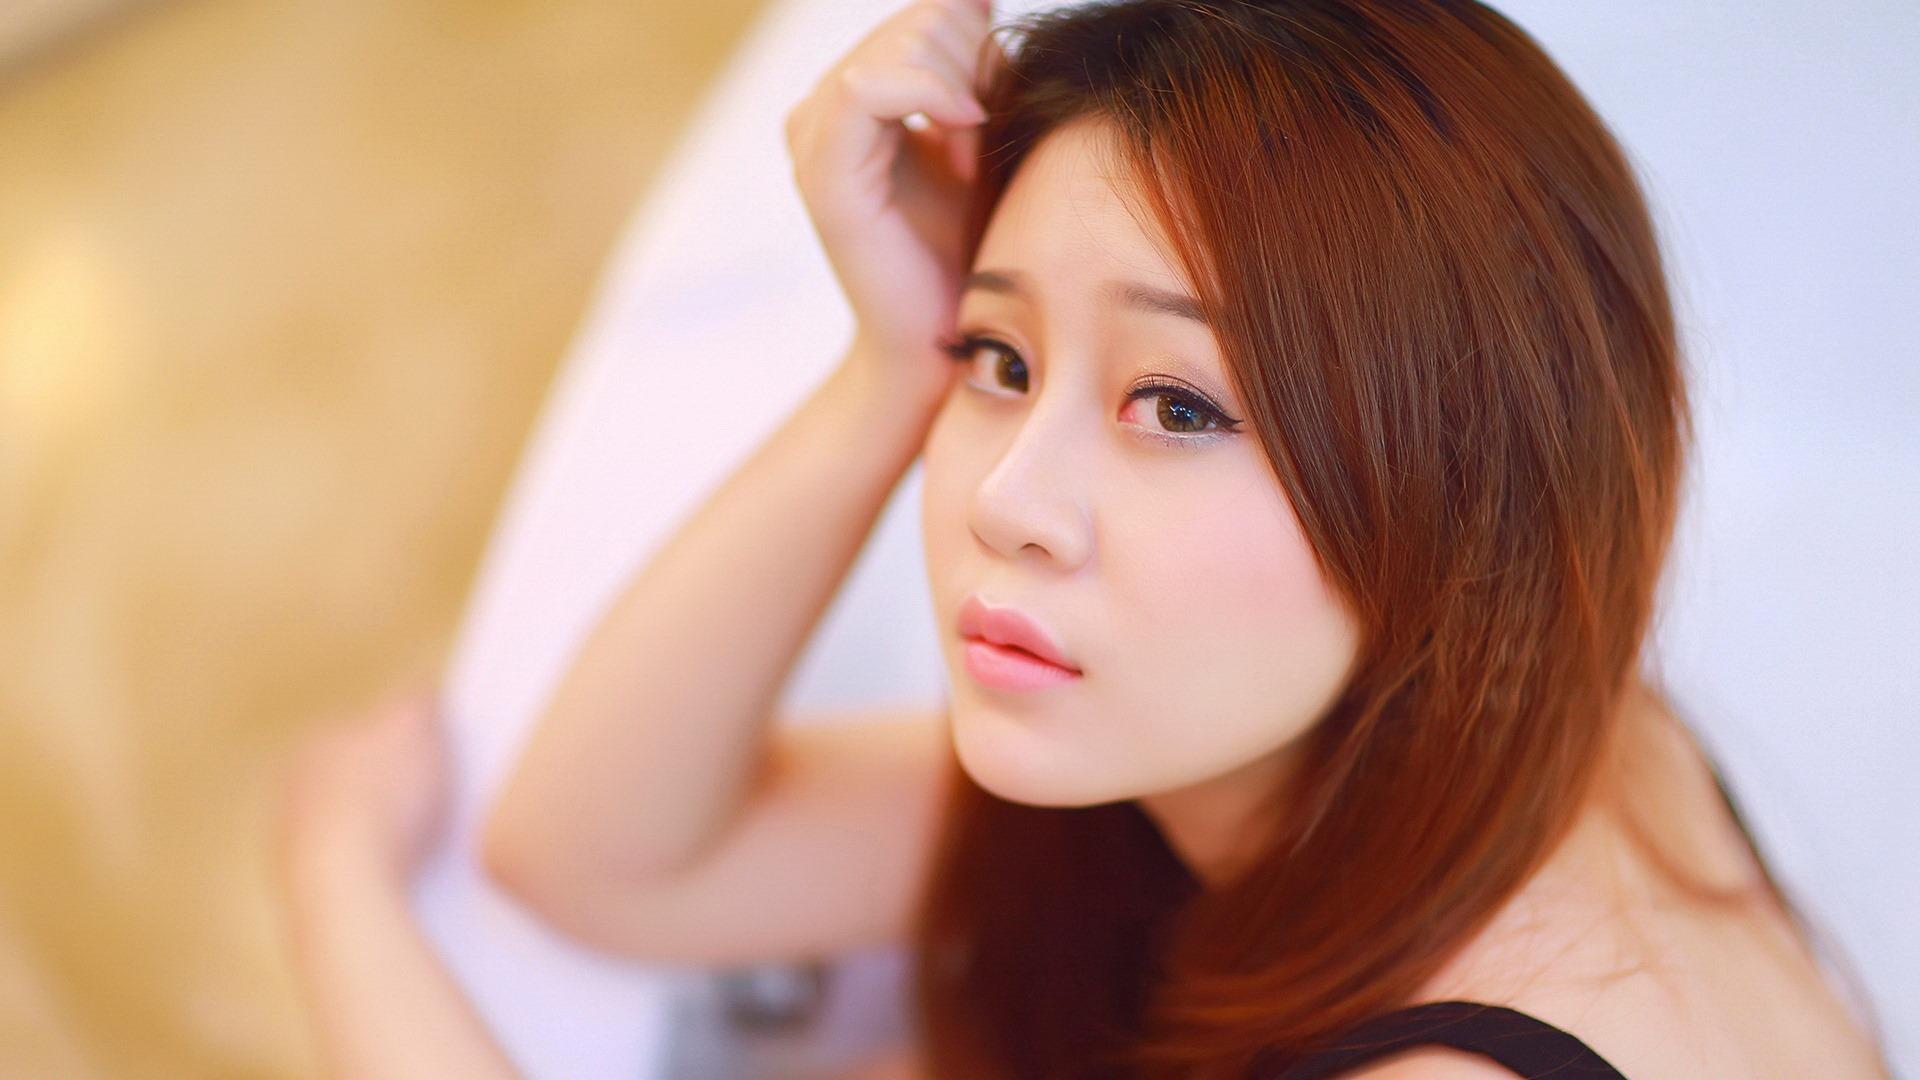 亚洲高清合集一区_清纯可爱年轻的亚洲女孩 高清壁纸合集(一)34 - 1920x